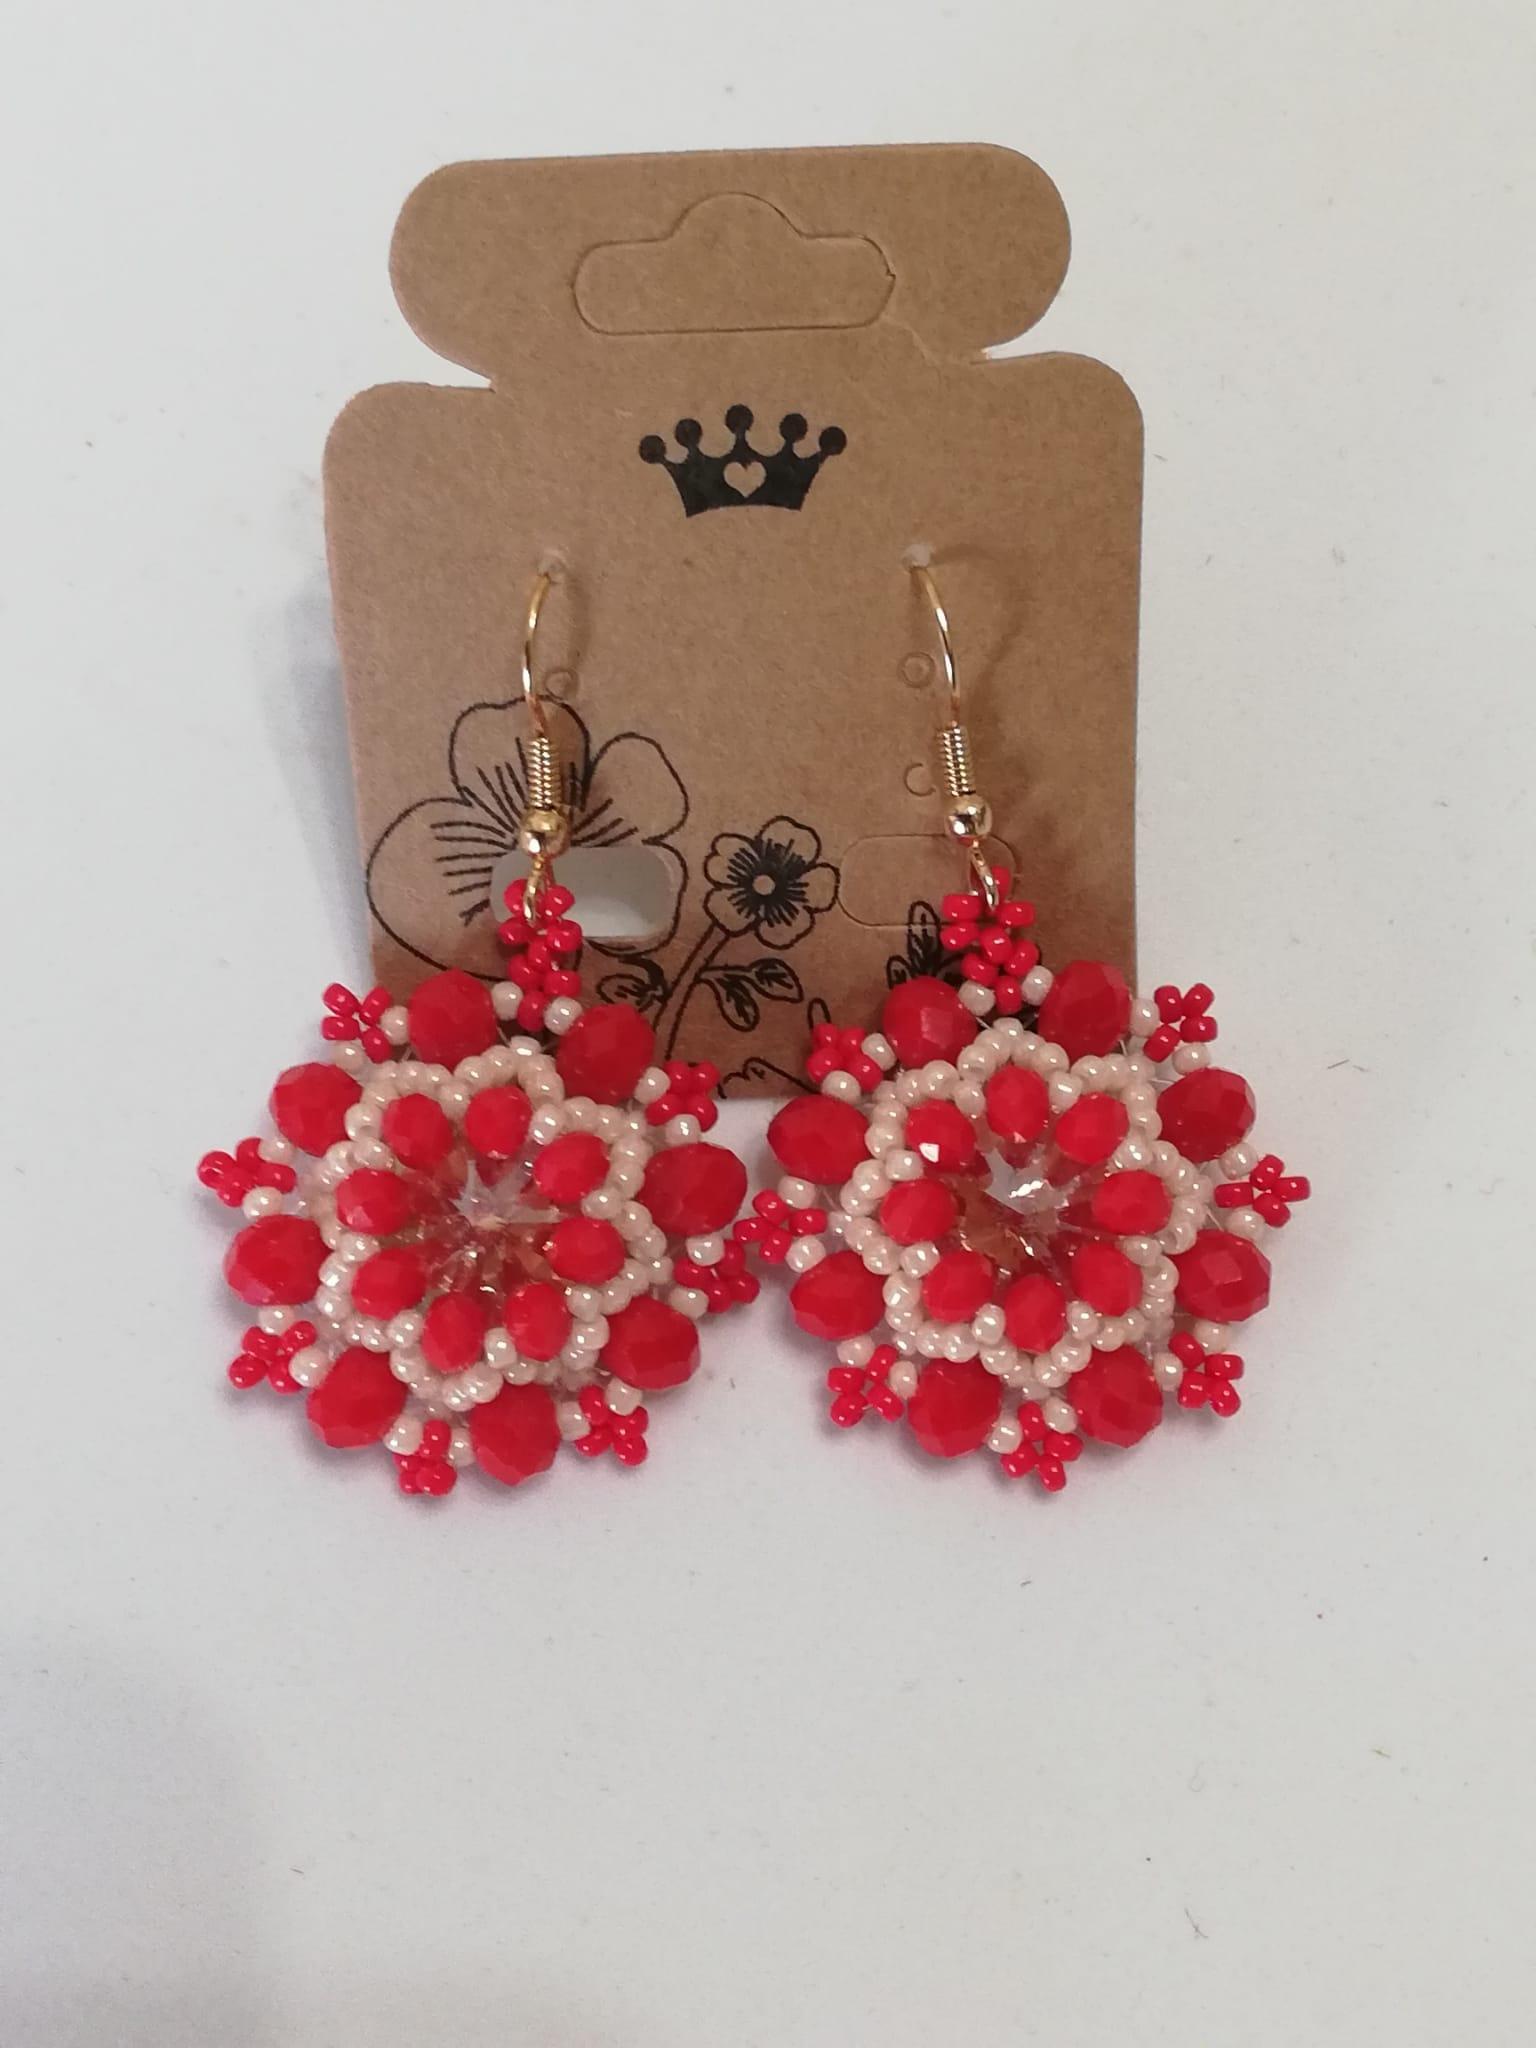 Boucles d'oreilles rouges faites main | Achat en ligne de bijoux fantaisie